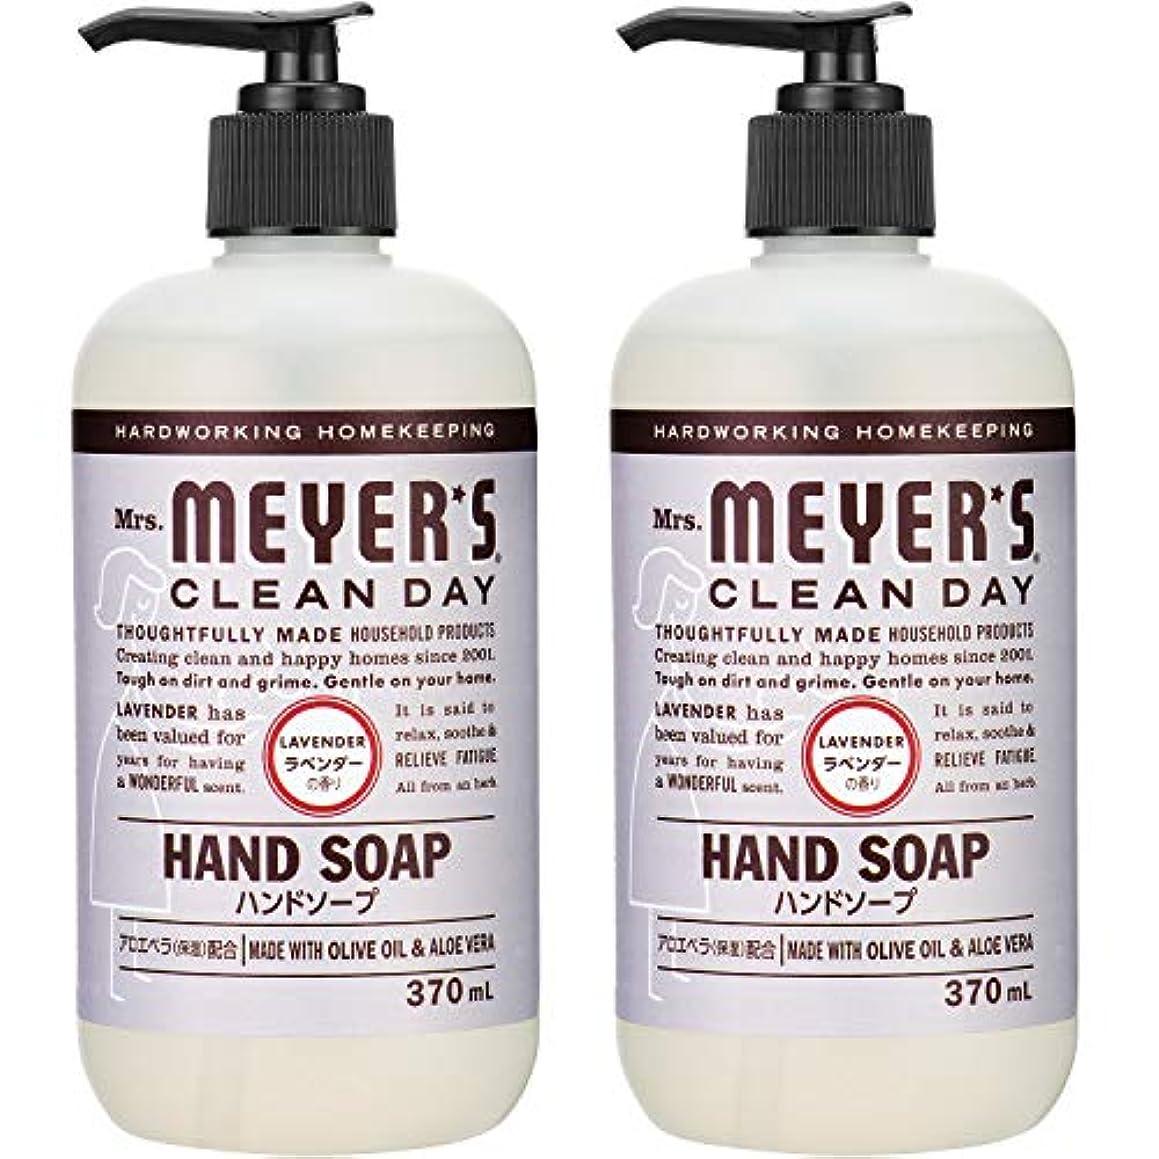 ギャップダイエットなぜMrs. MEYER'S CLEAN DAY(ミセスマイヤーズ クリーンデイ) ミセスマイヤーズ クリーンデイ(Mrs.Meyers Clean Day) ハンドソープ ラベンダーの香り 370ml×2個